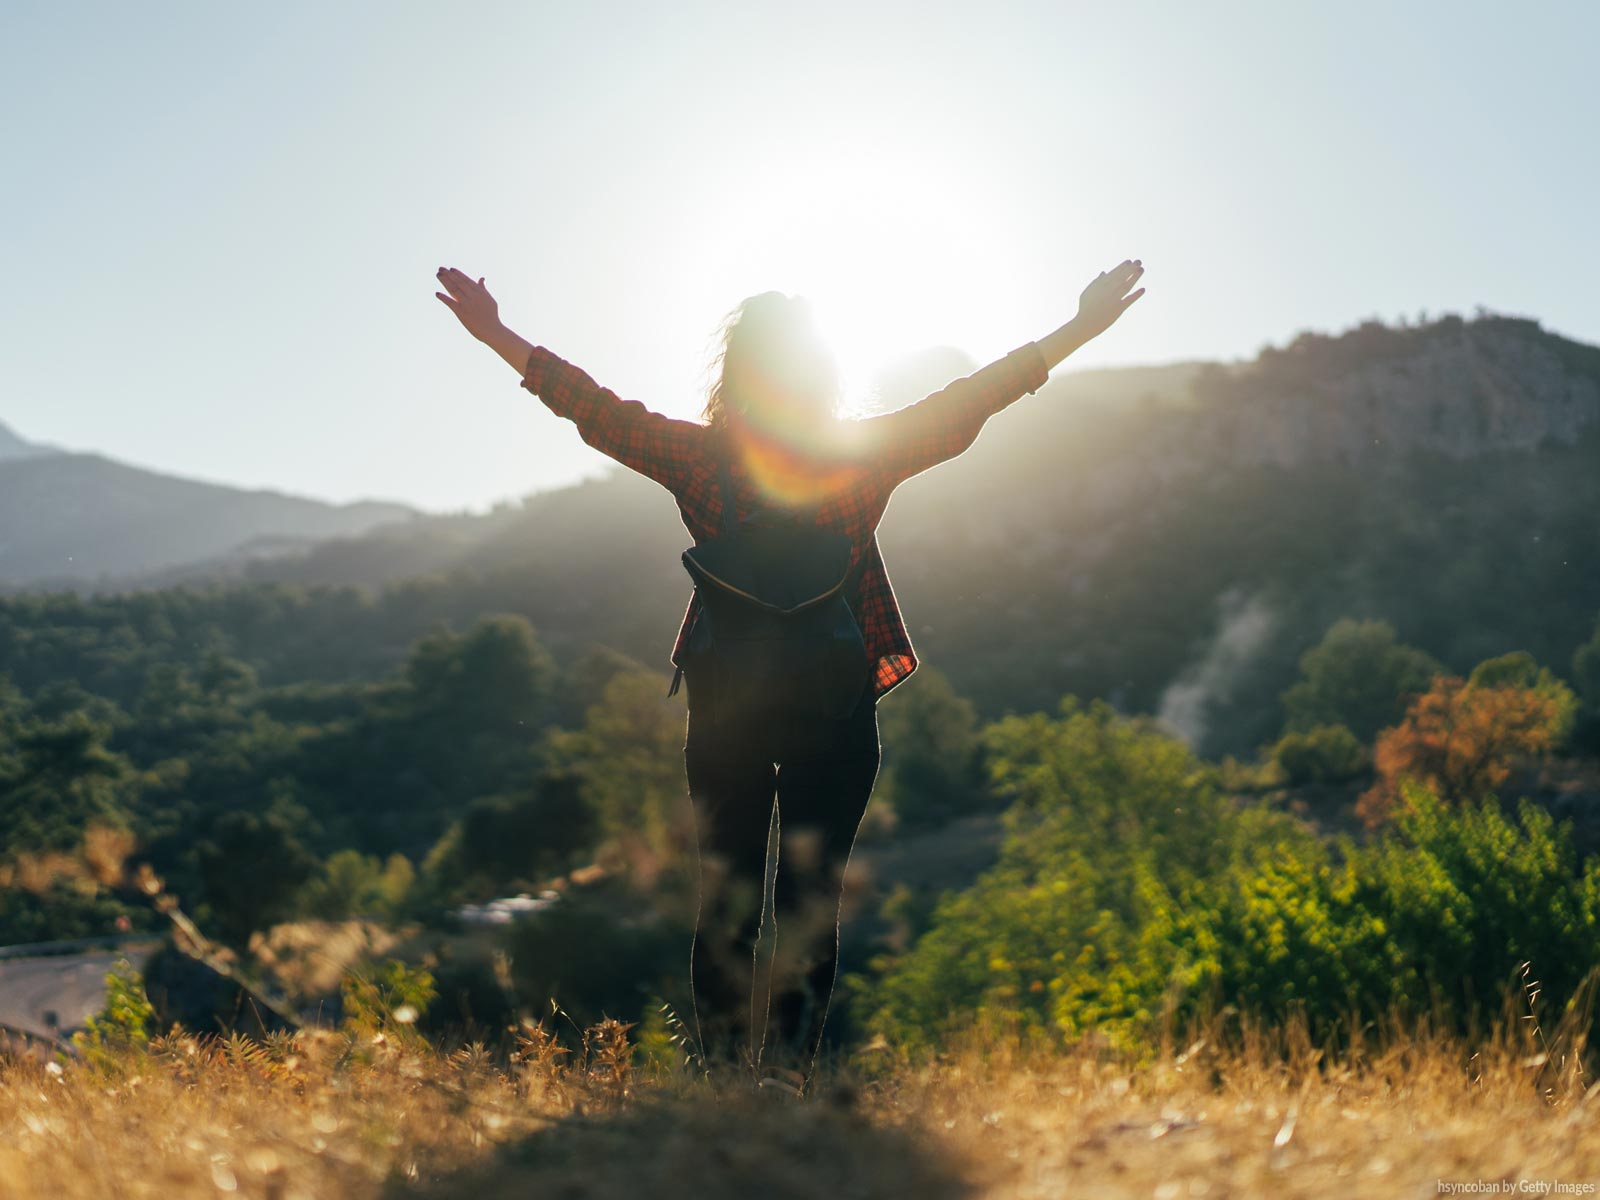 Seguir Jesus Cristo é escolher trilhar um caminho que gera vida